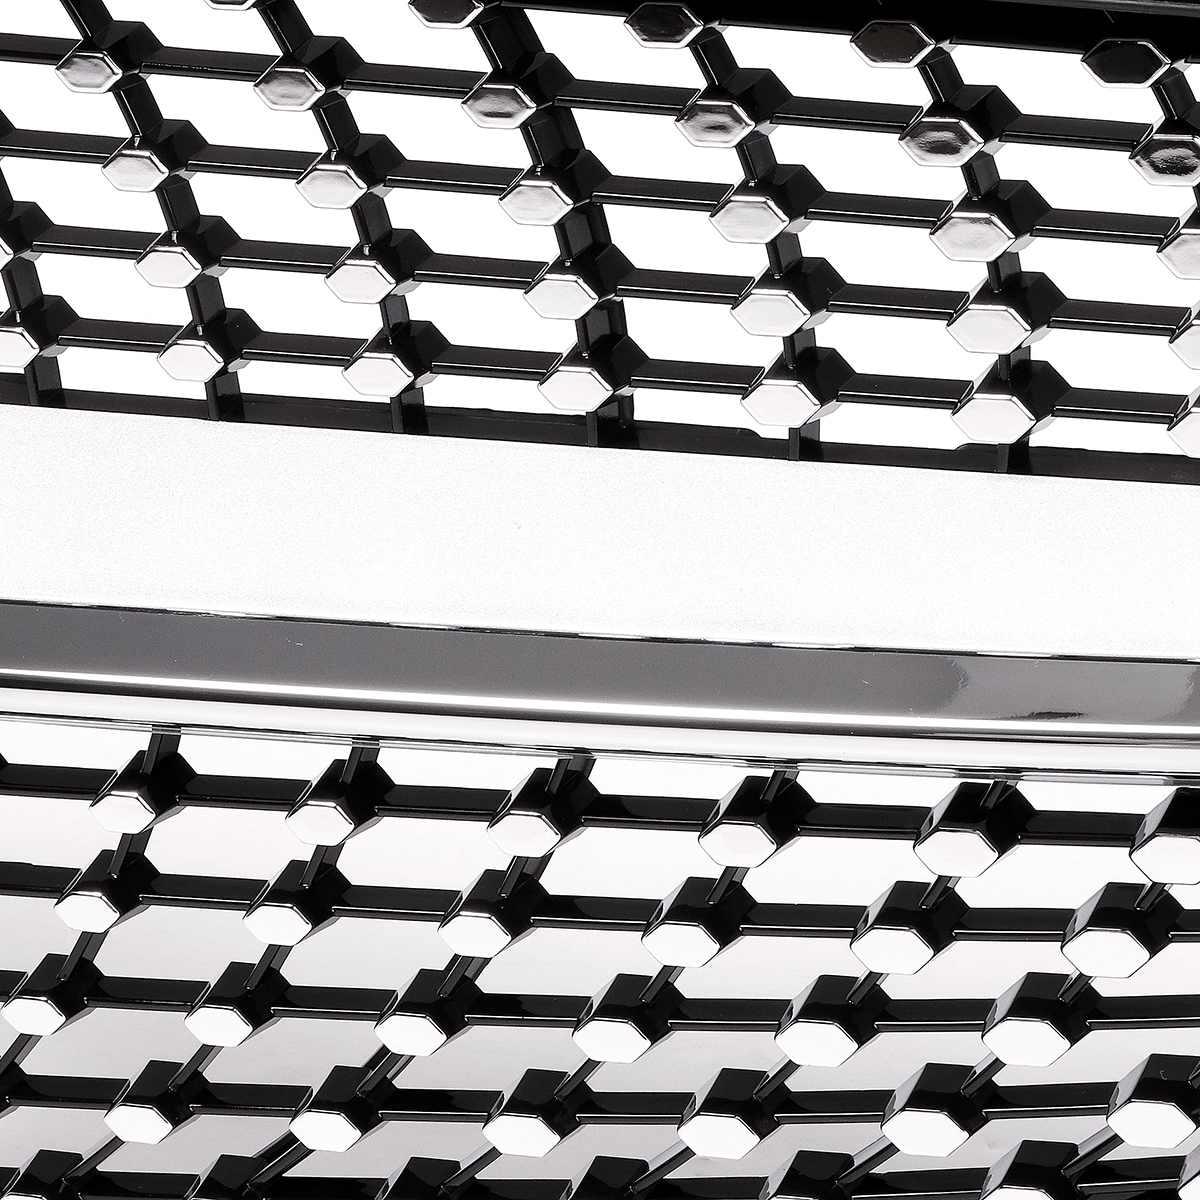 1x Grille de calandre de Style diamant avant de voiture pour Mercedes pour Benz C classe W205 C200 C250 C300 C350 2015-18 sans caméra - 6